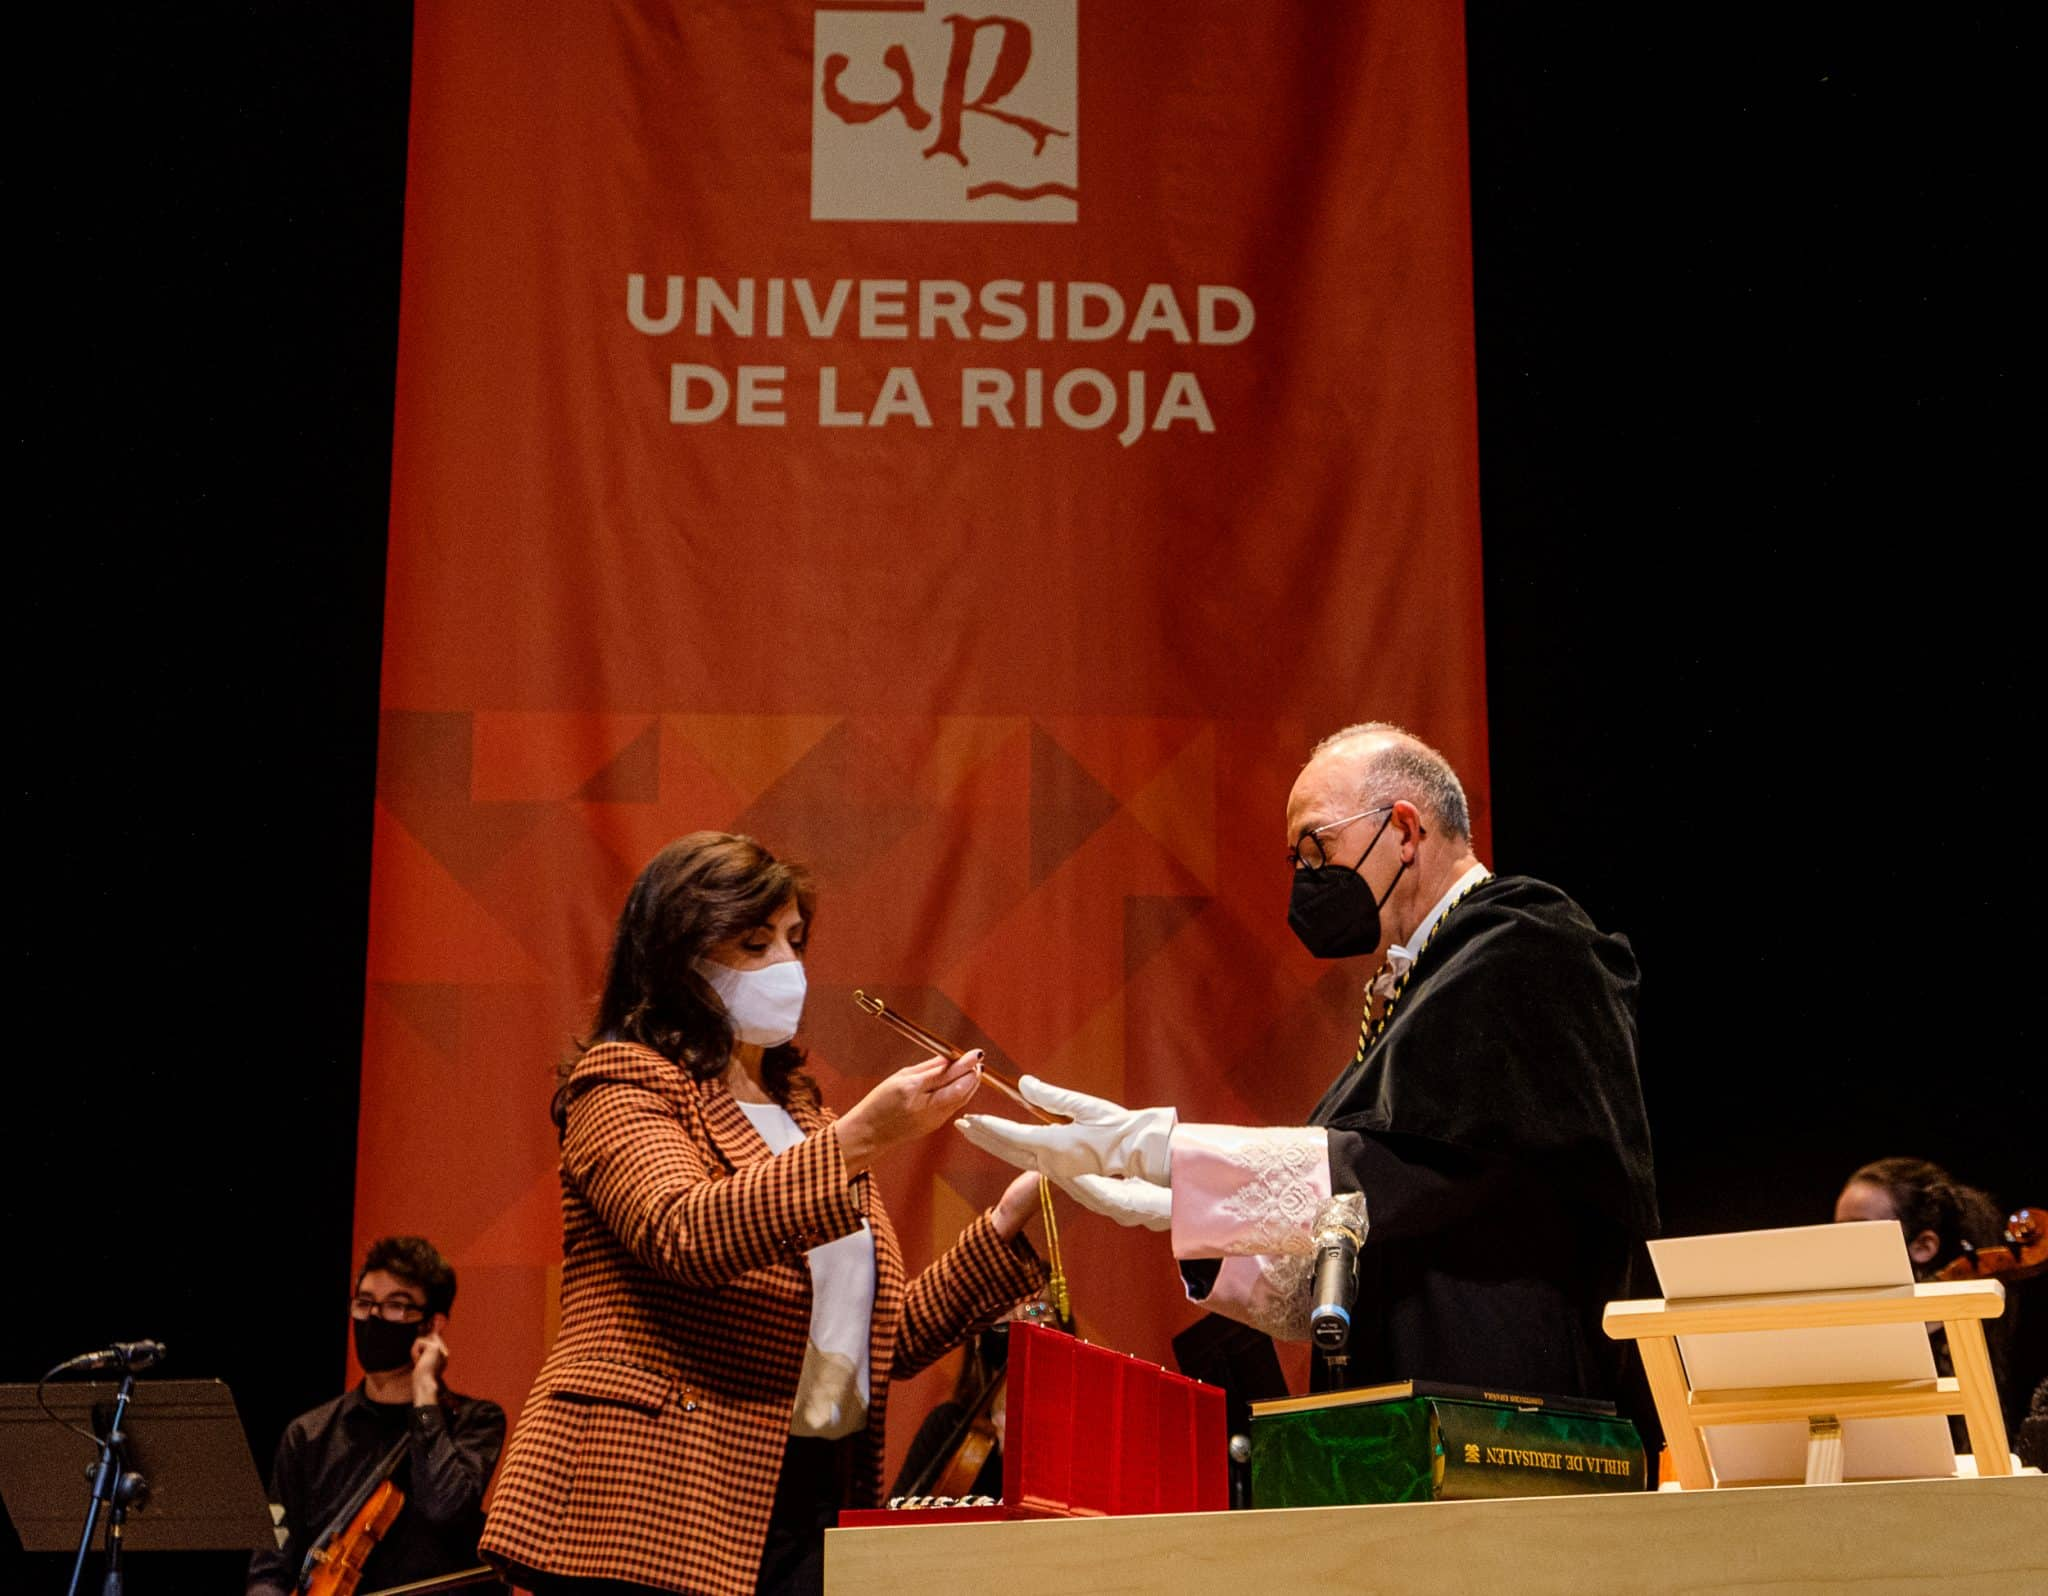 """Ayala ya es rector de la UR: """"Hay que convertir a la universidad en uno de los principales motores del desarrollo de La Rioja"""" 5"""